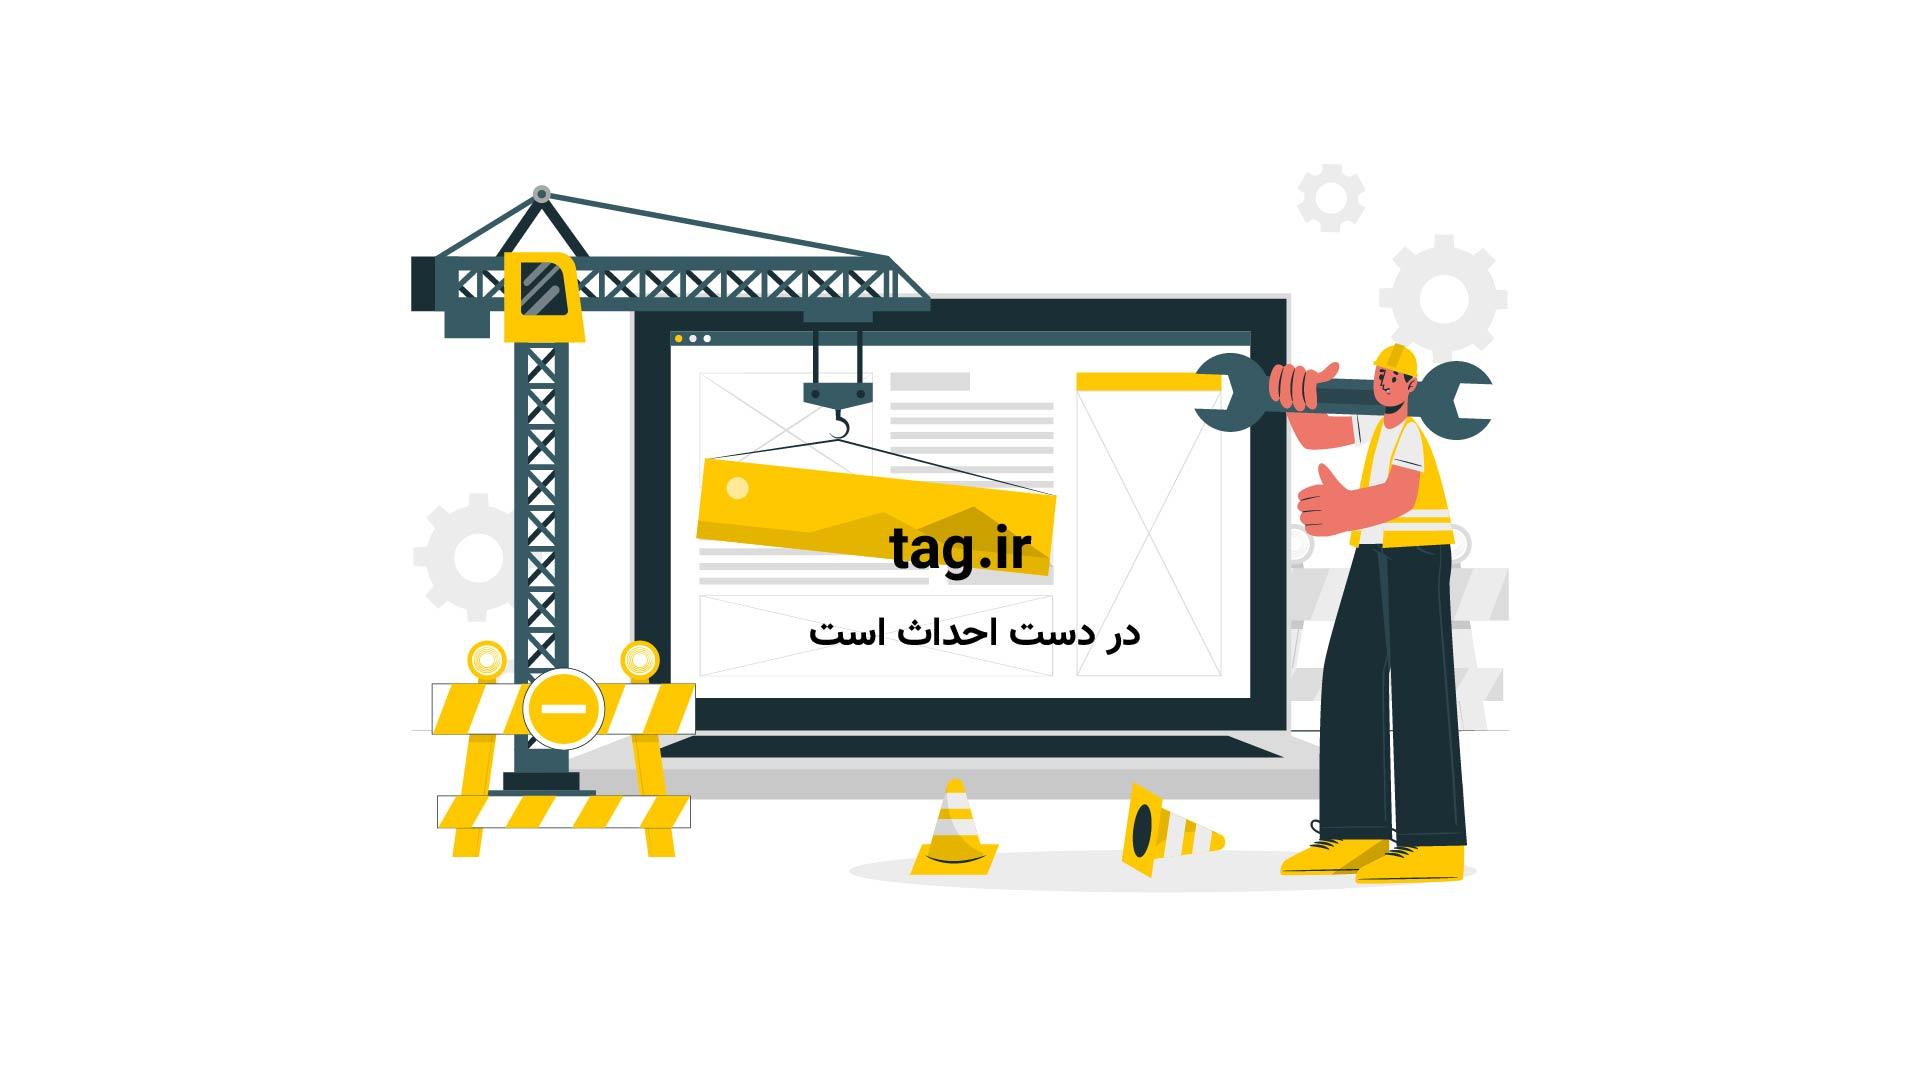 انتقاد صریح مهران مدیری از شرایط سخت بچه دار شدن + فیلم